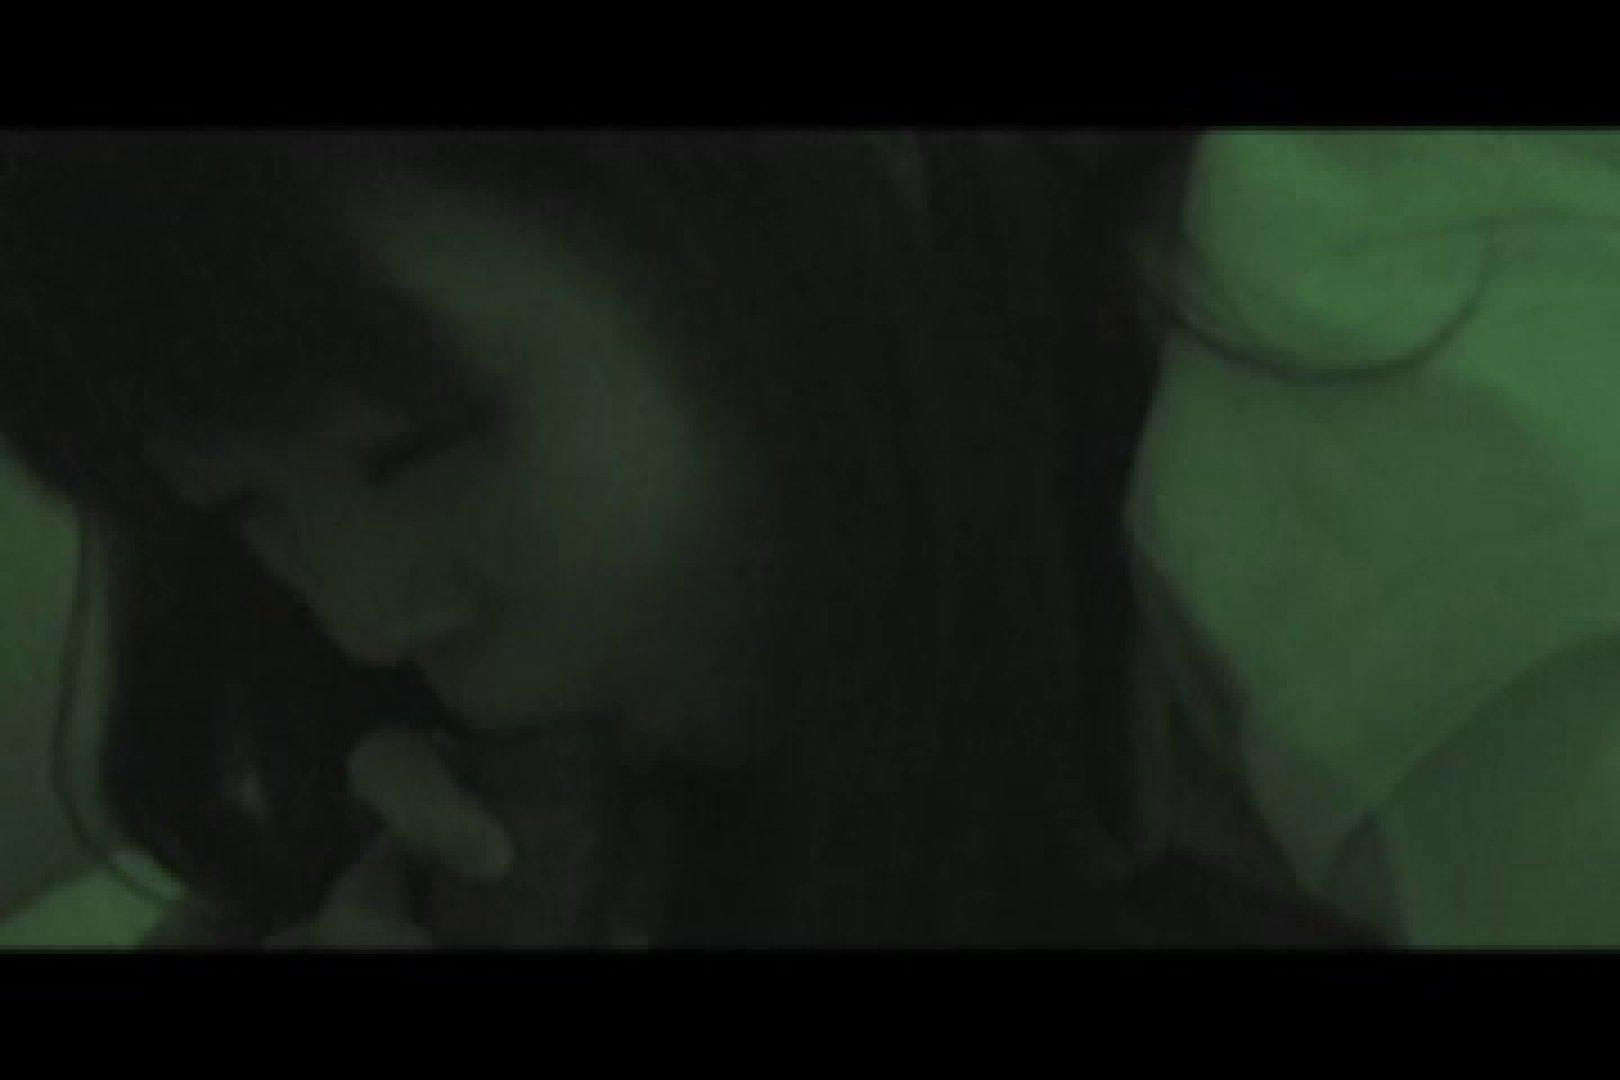 ヤリマンと呼ばれた看護士さんvol3 卑猥 のぞき動画画像 41連発 28